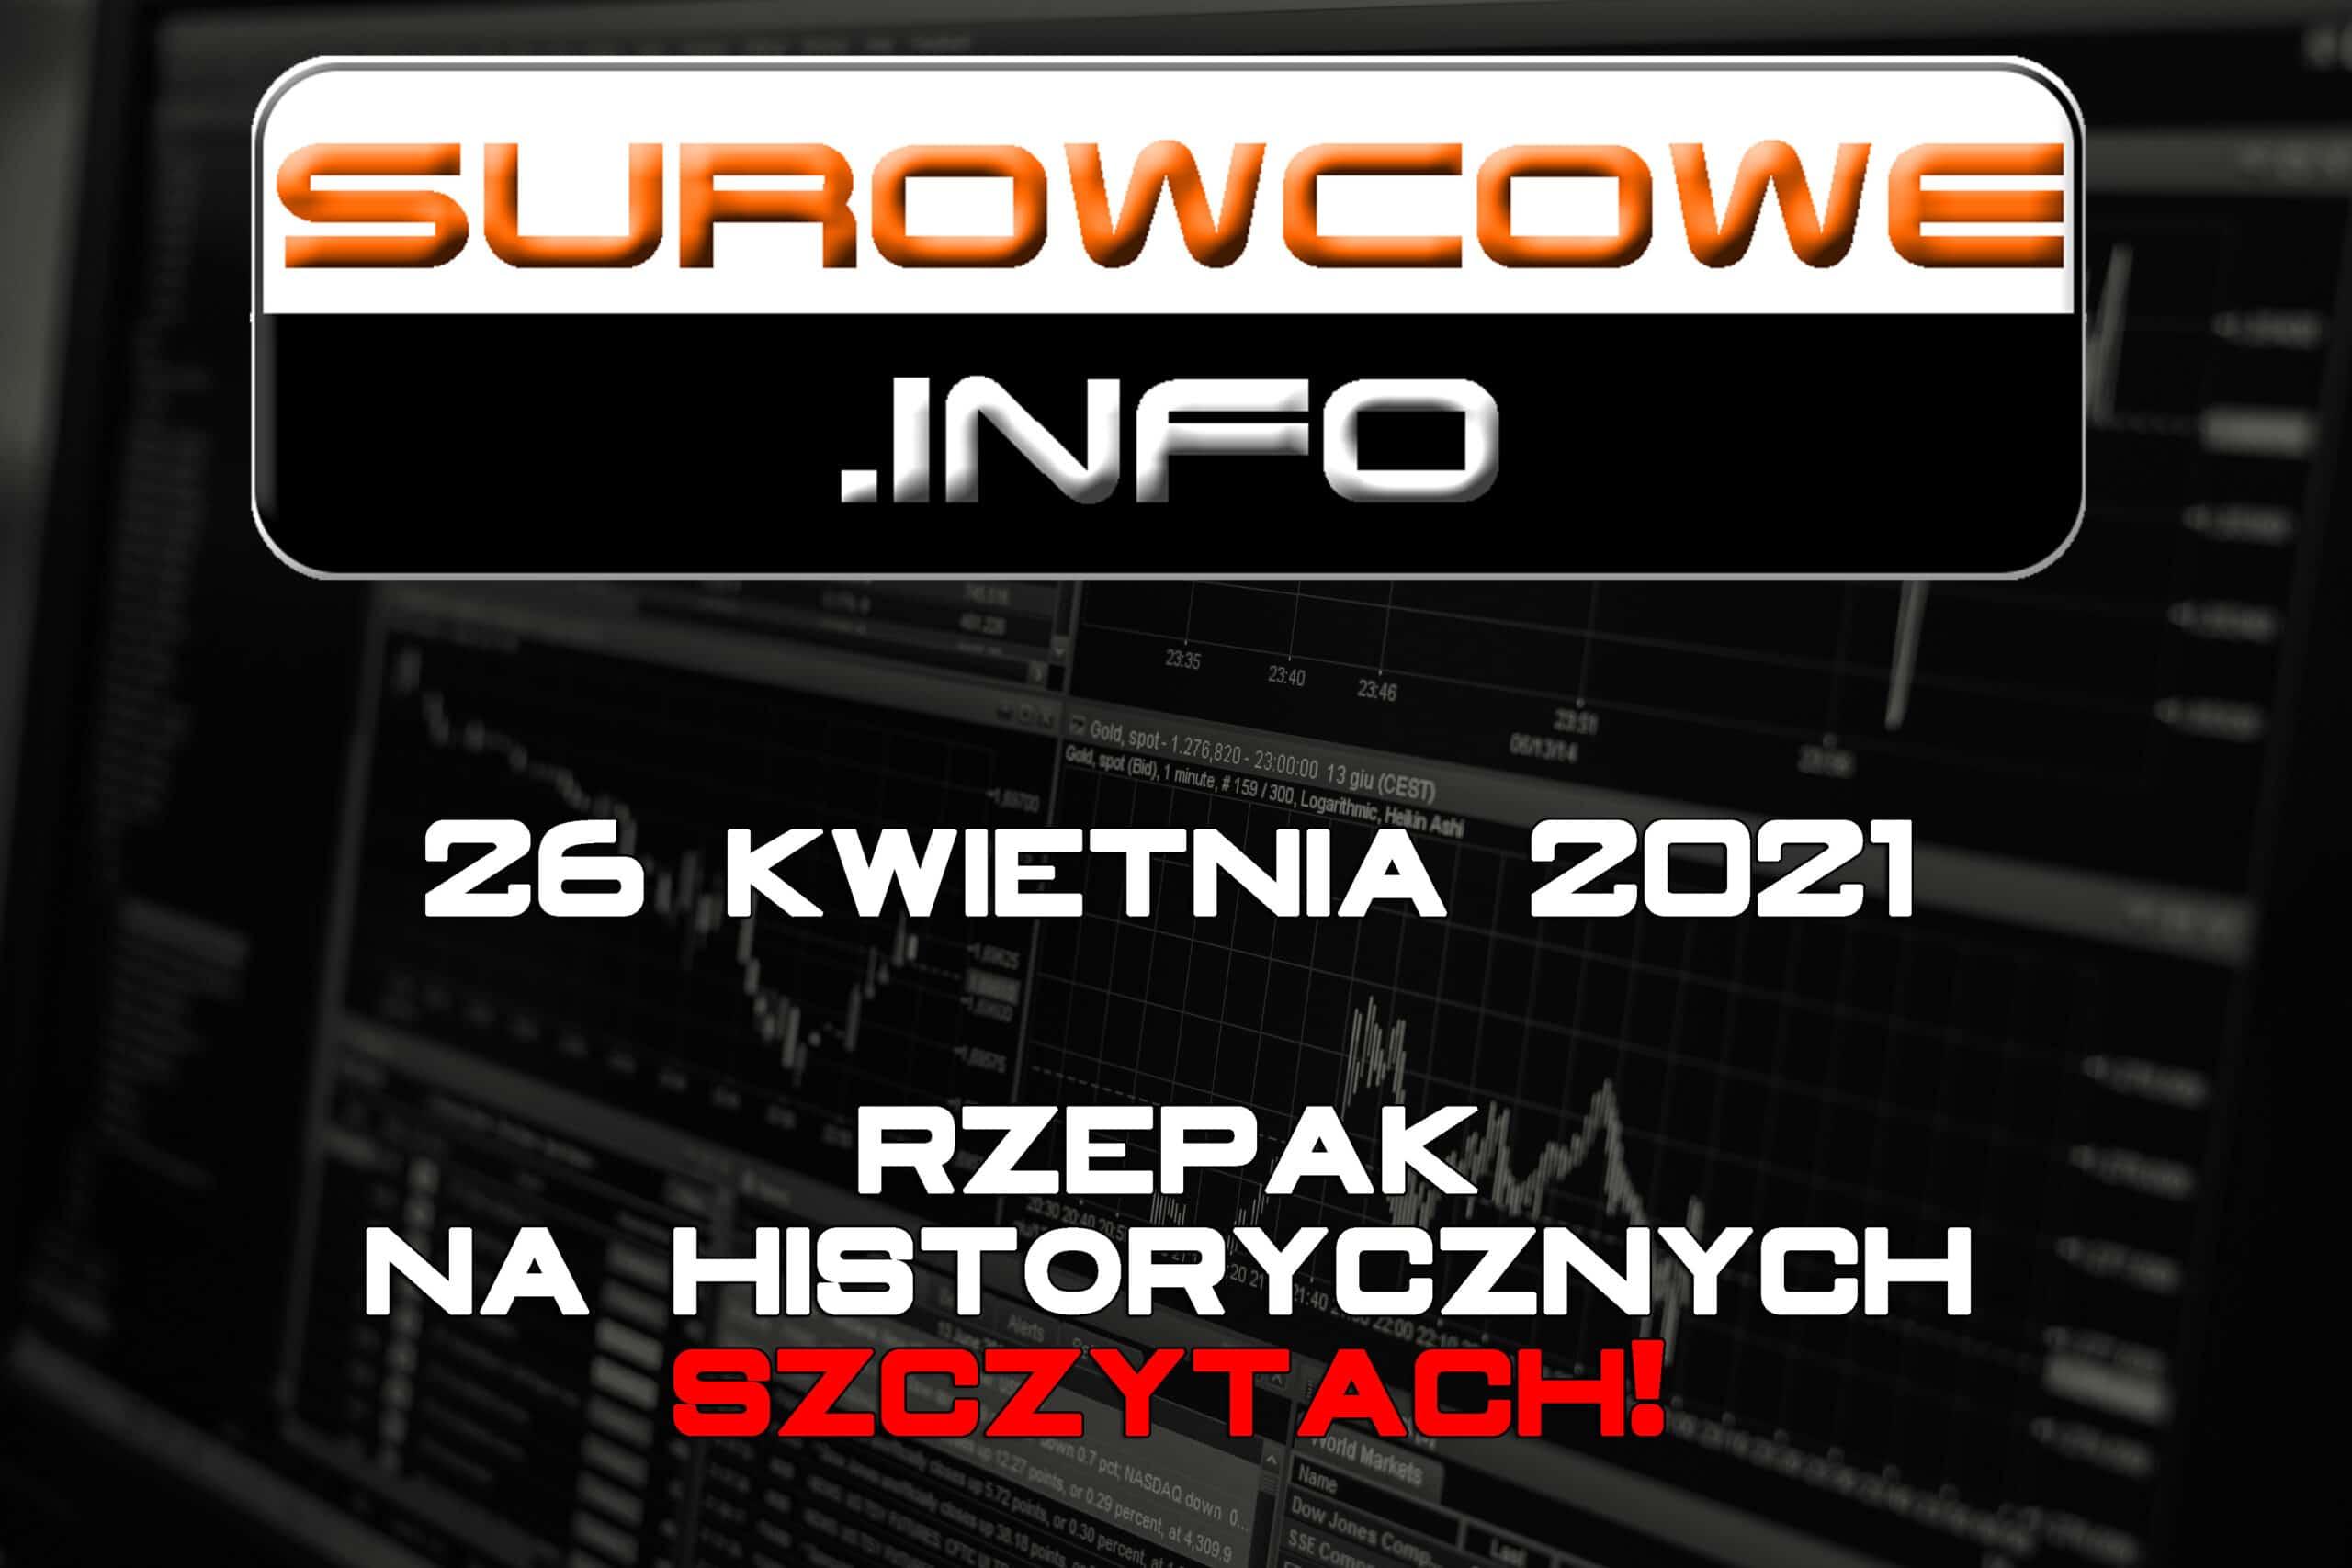 Surowcowe.info 26 kwietnia 2021